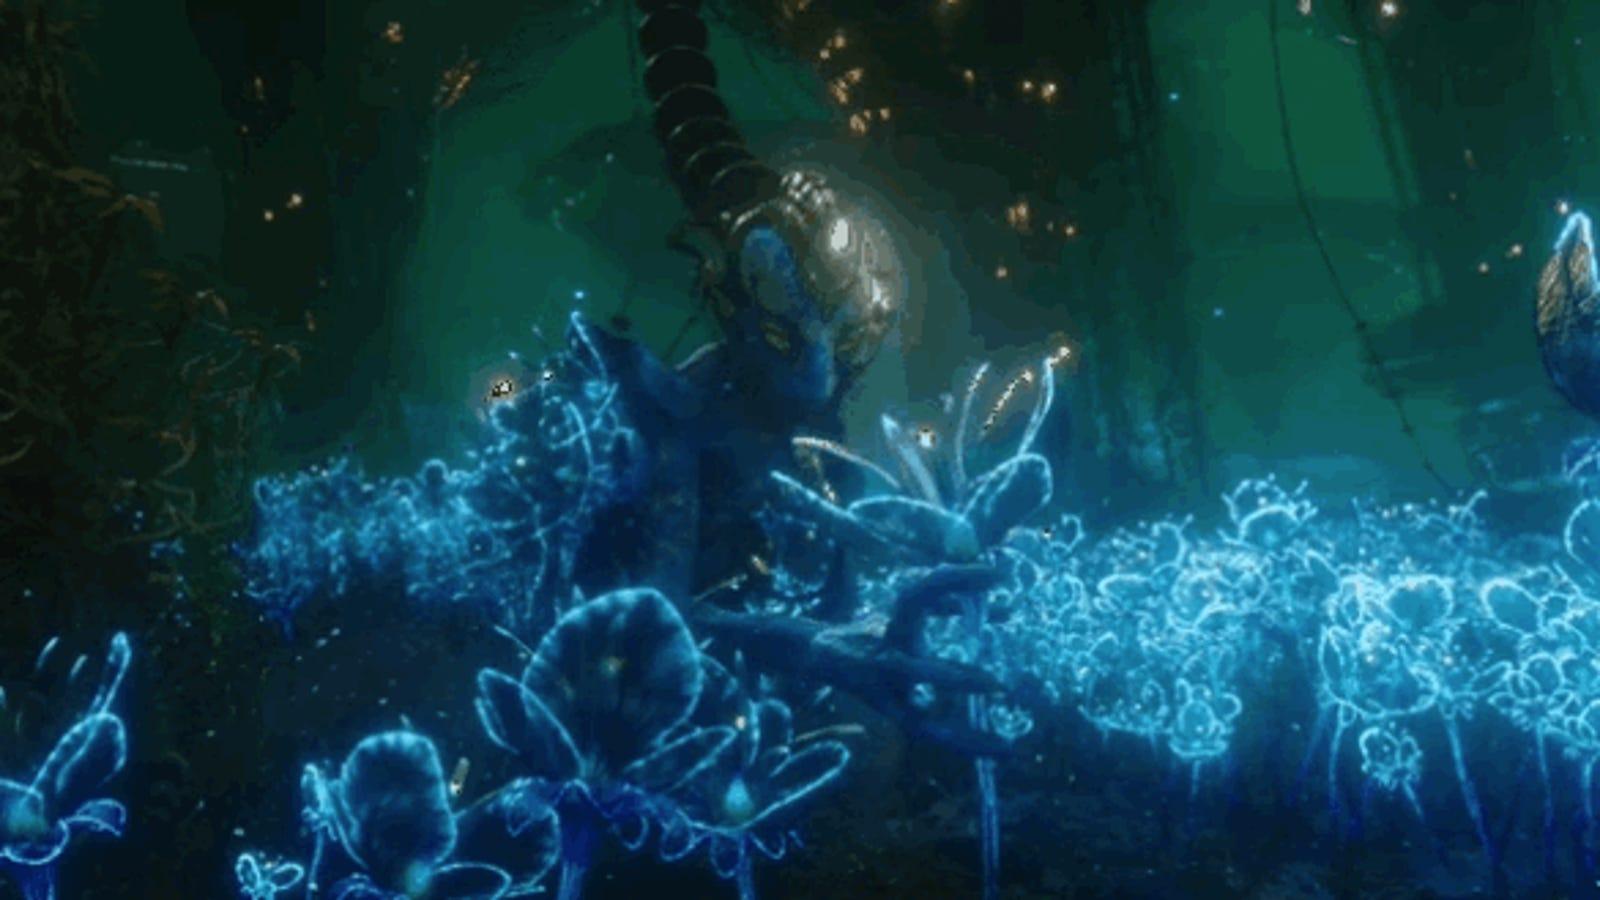 Valerian es la próxima película de ciencia-ficción que querrás ver. Este es su tráiler